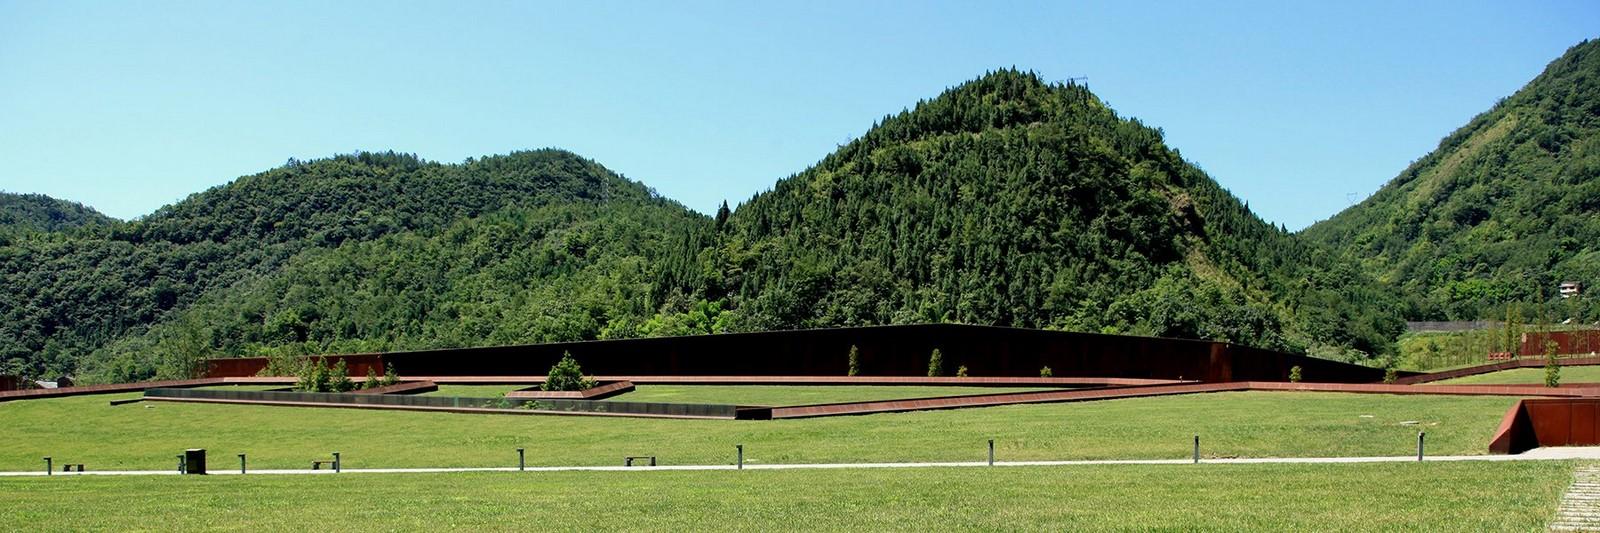 Wenchuan Earthquake Memorial Museum - Sheet1